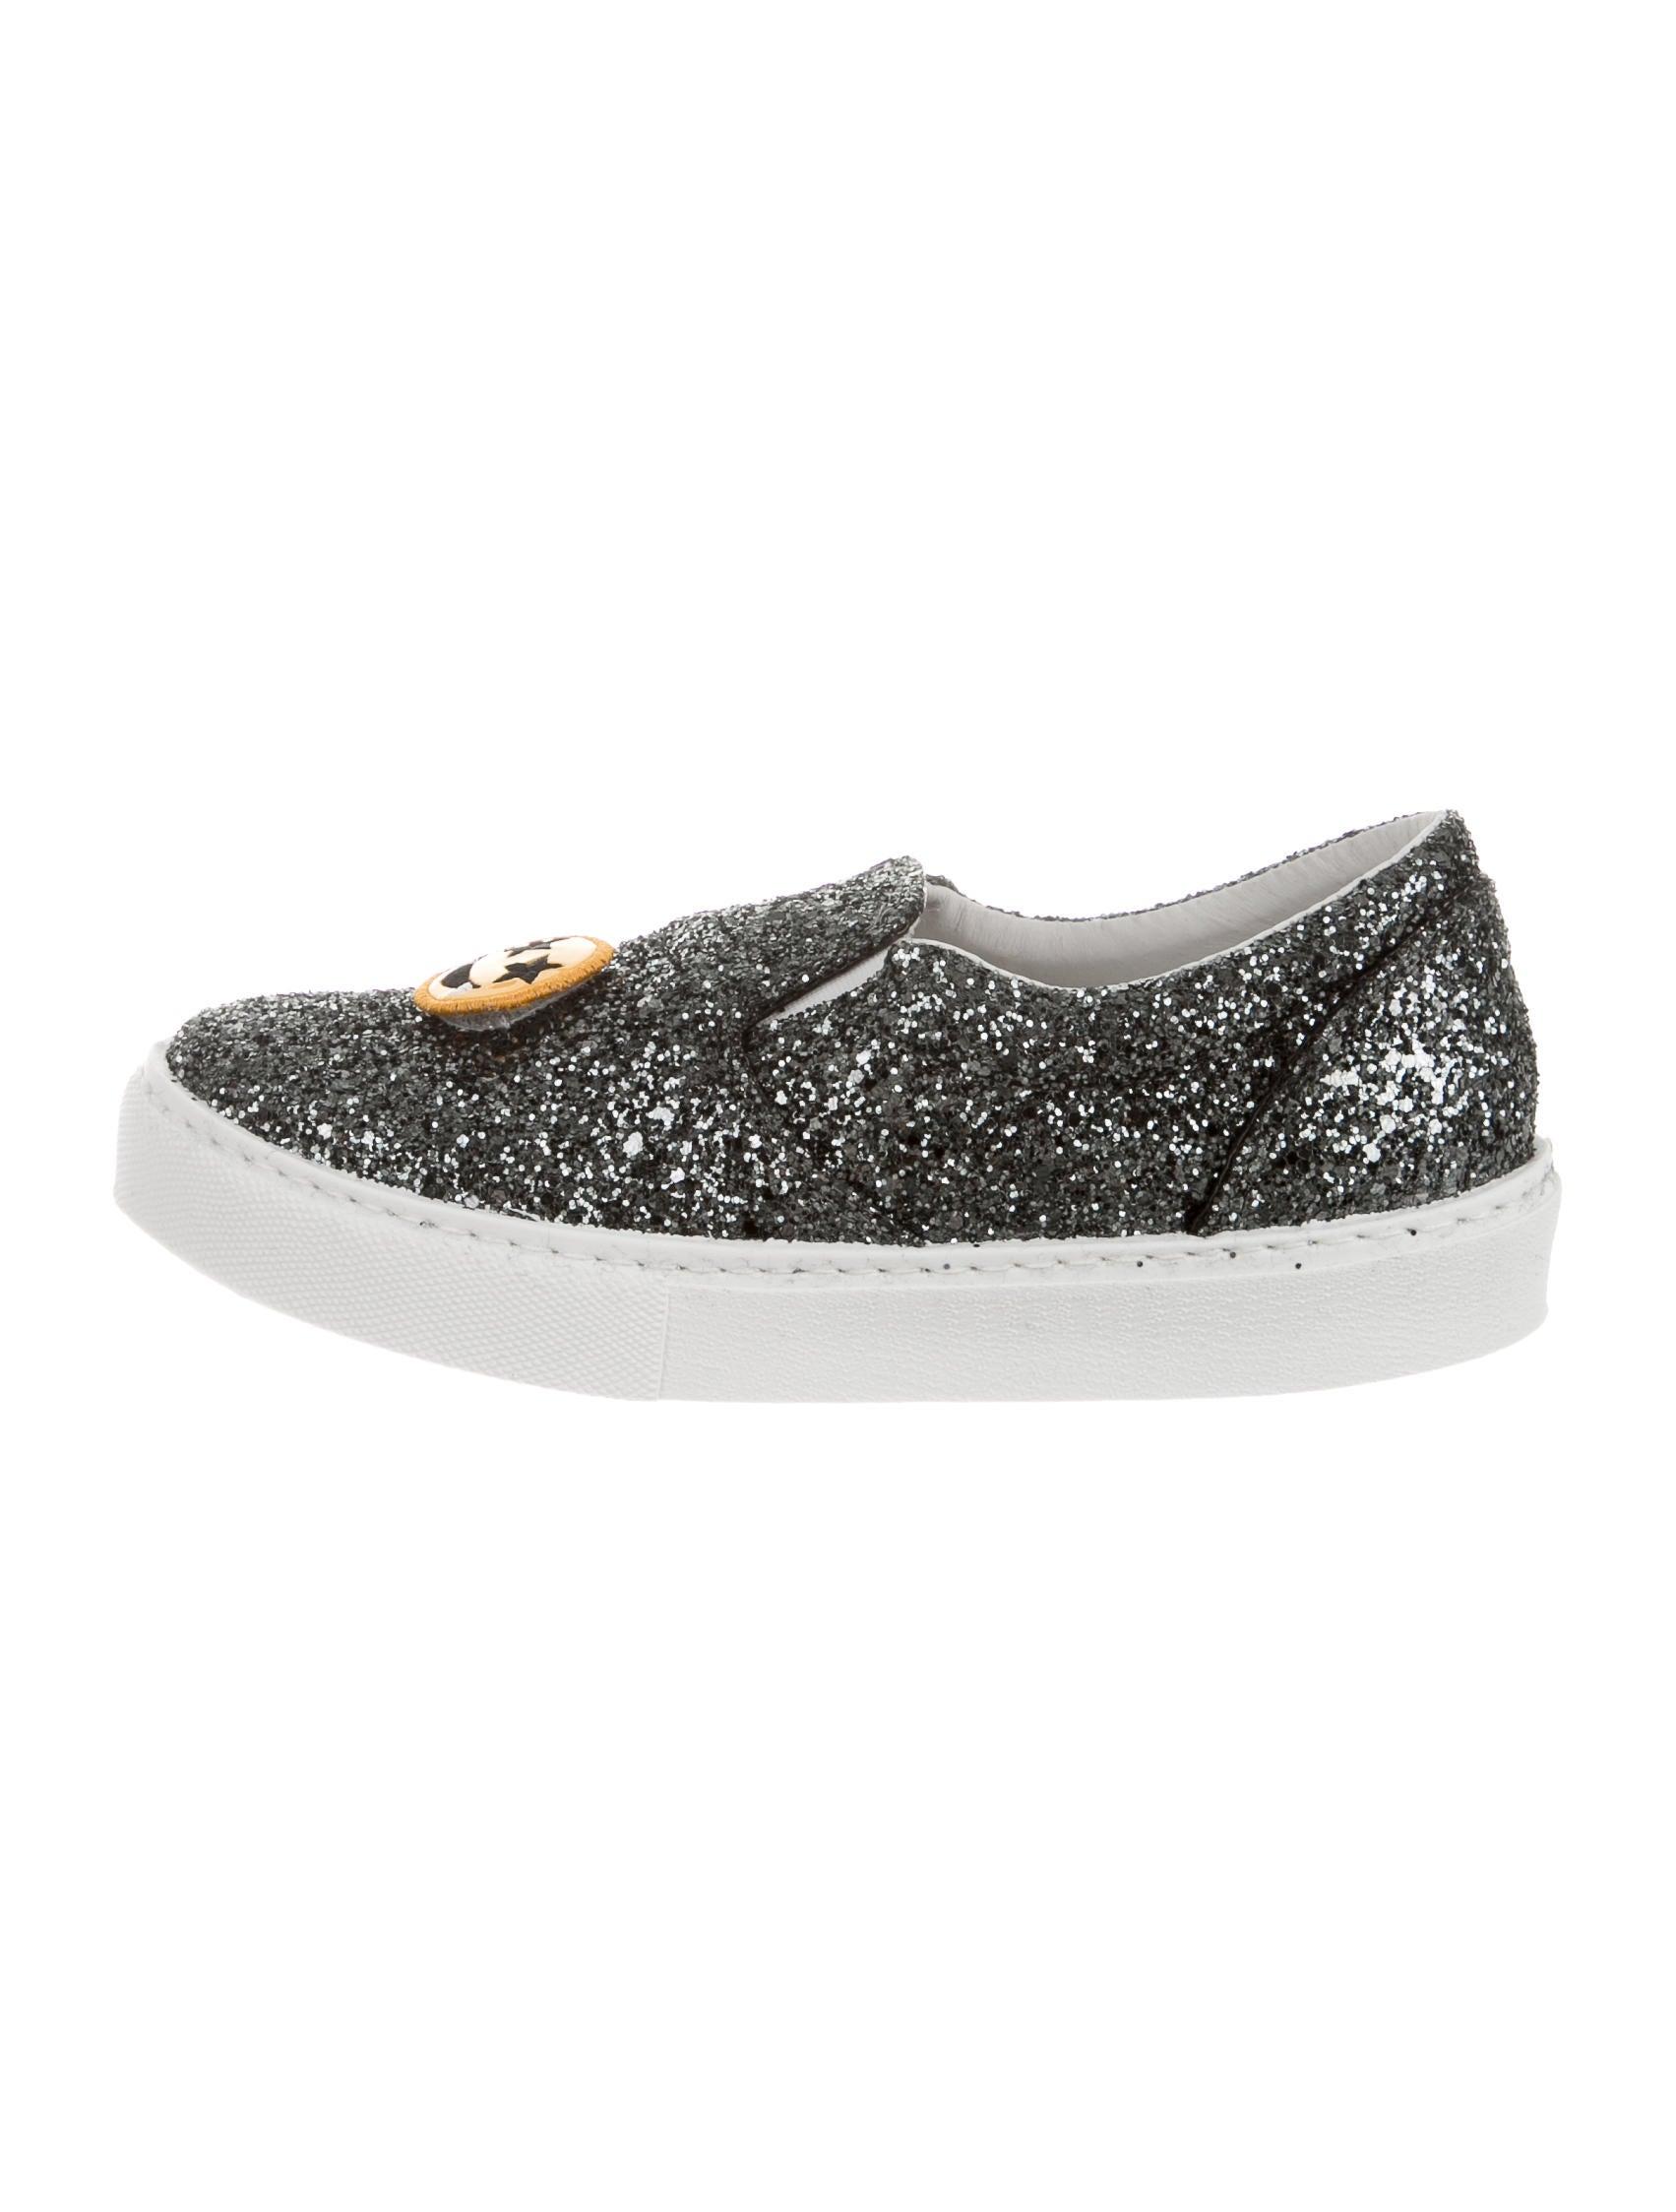 chiara ferragni sequin slip on sneakers shoes wyx20027